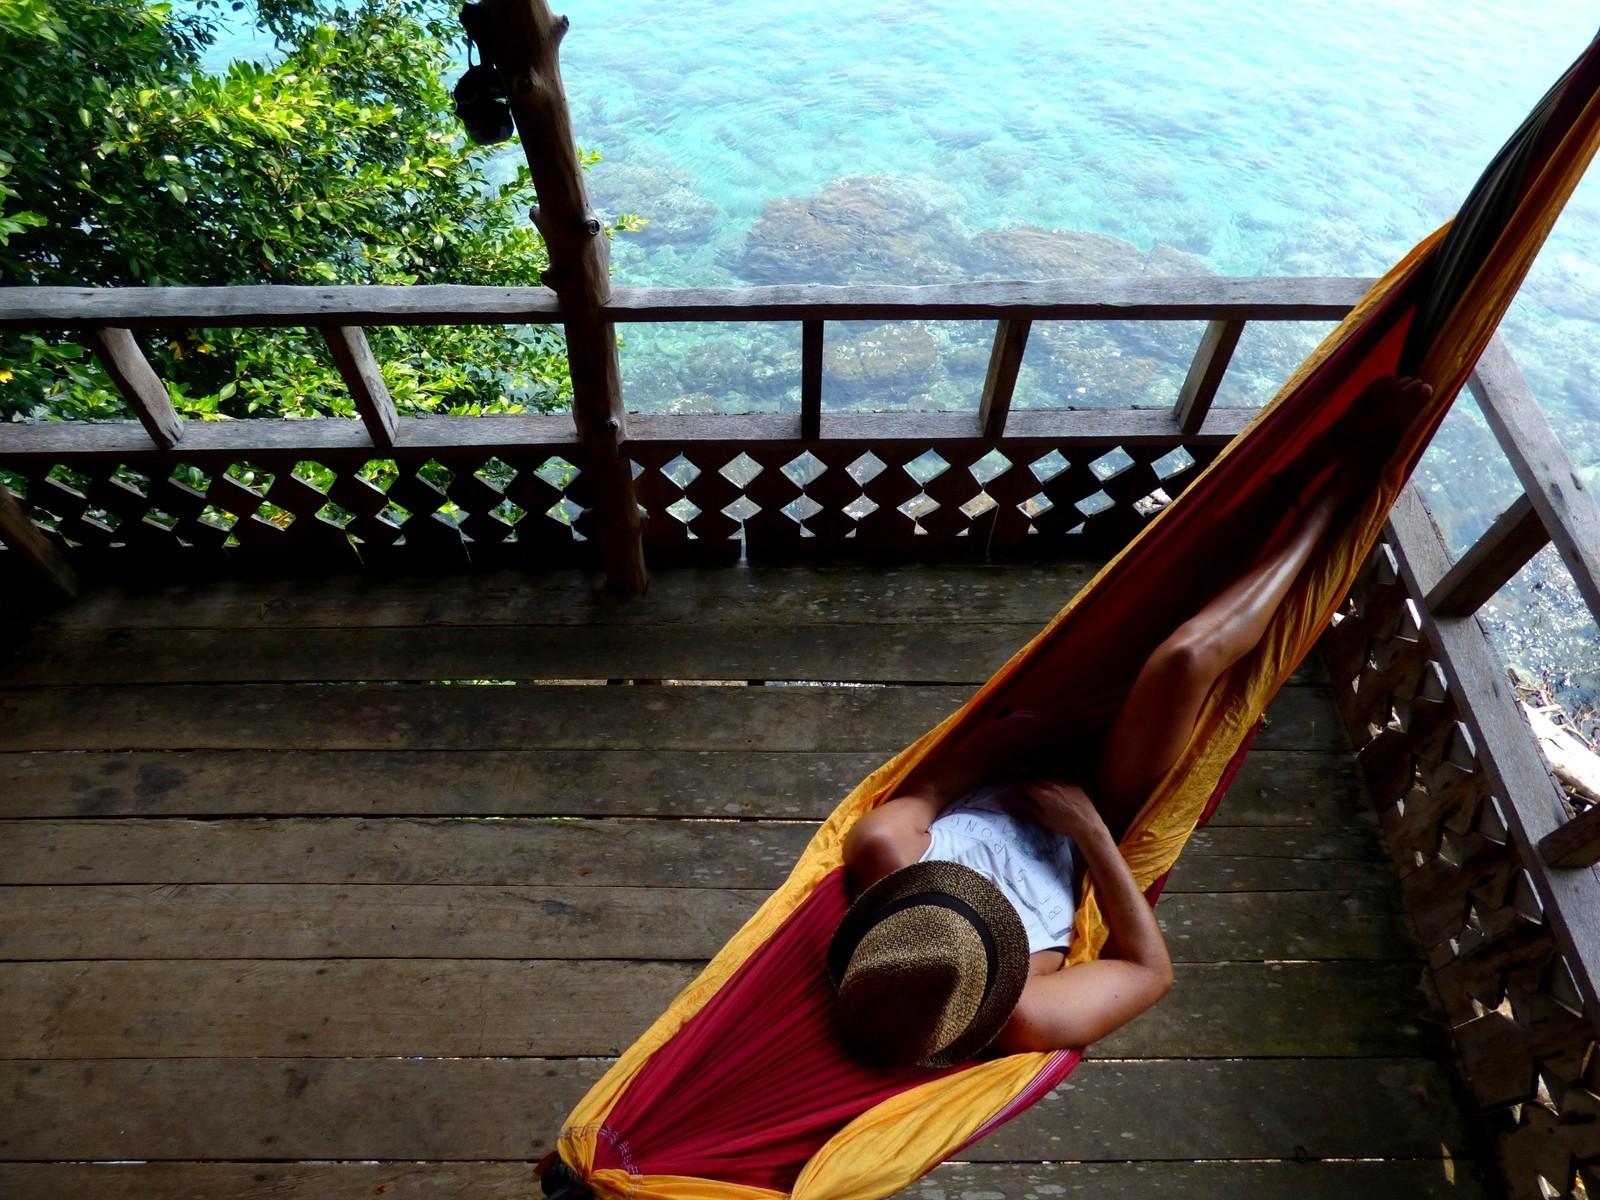 Отдых в гамаке на веранде.